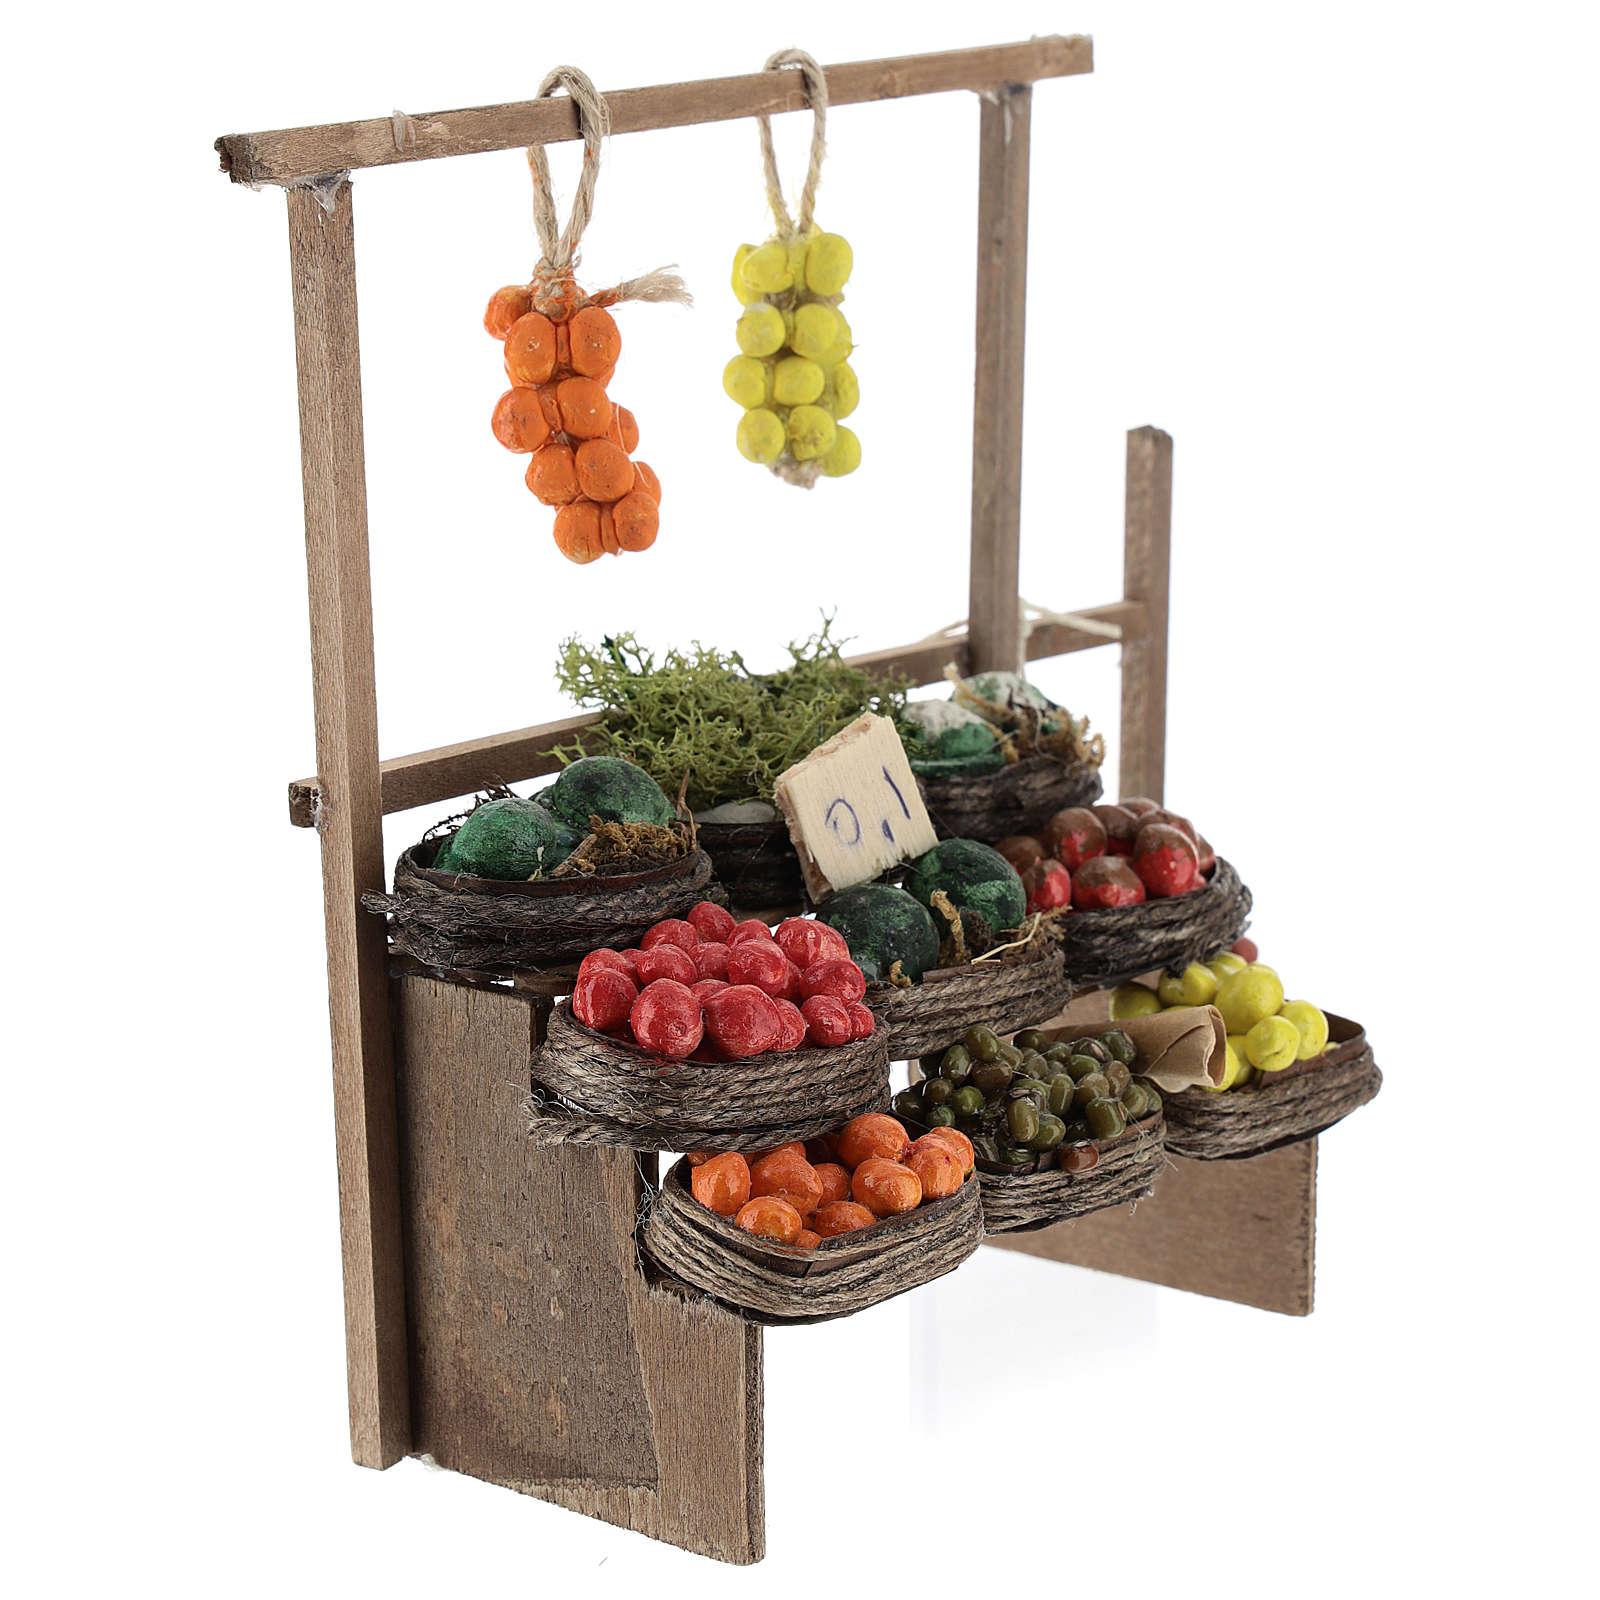 Banc des fruits miniature crèche Napolitaine 4